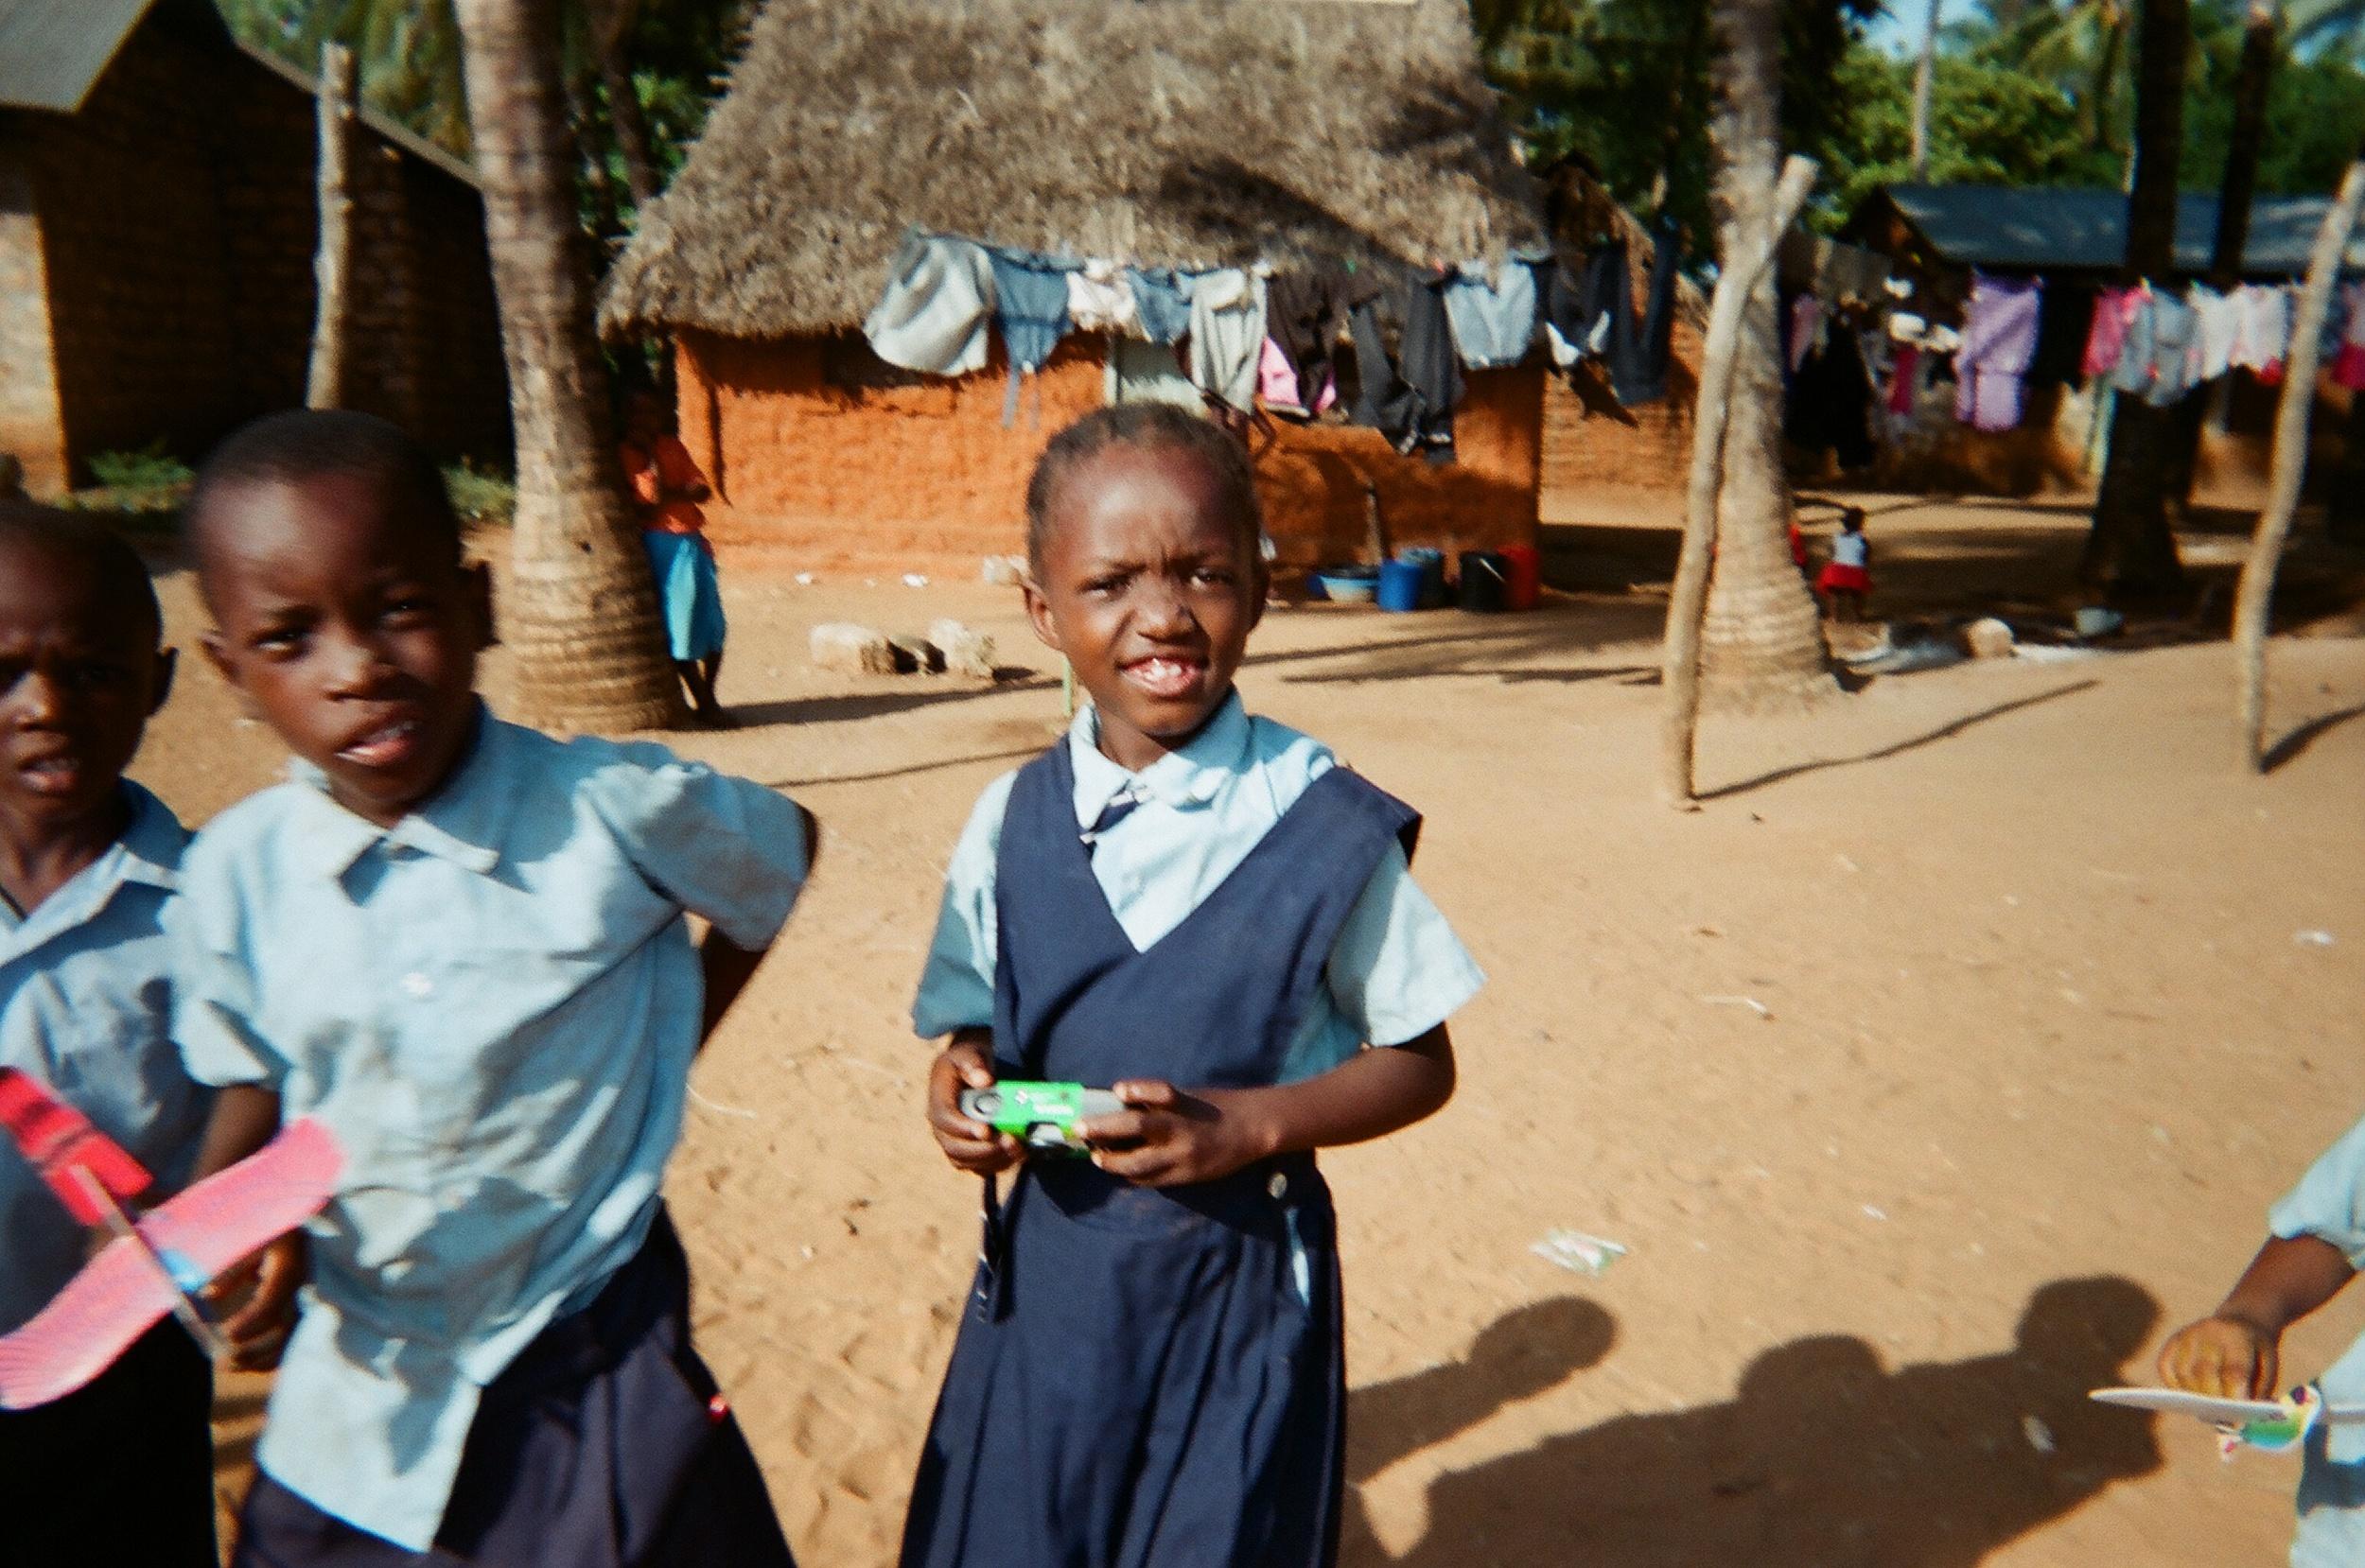 Yusufu Salim - 9 years old